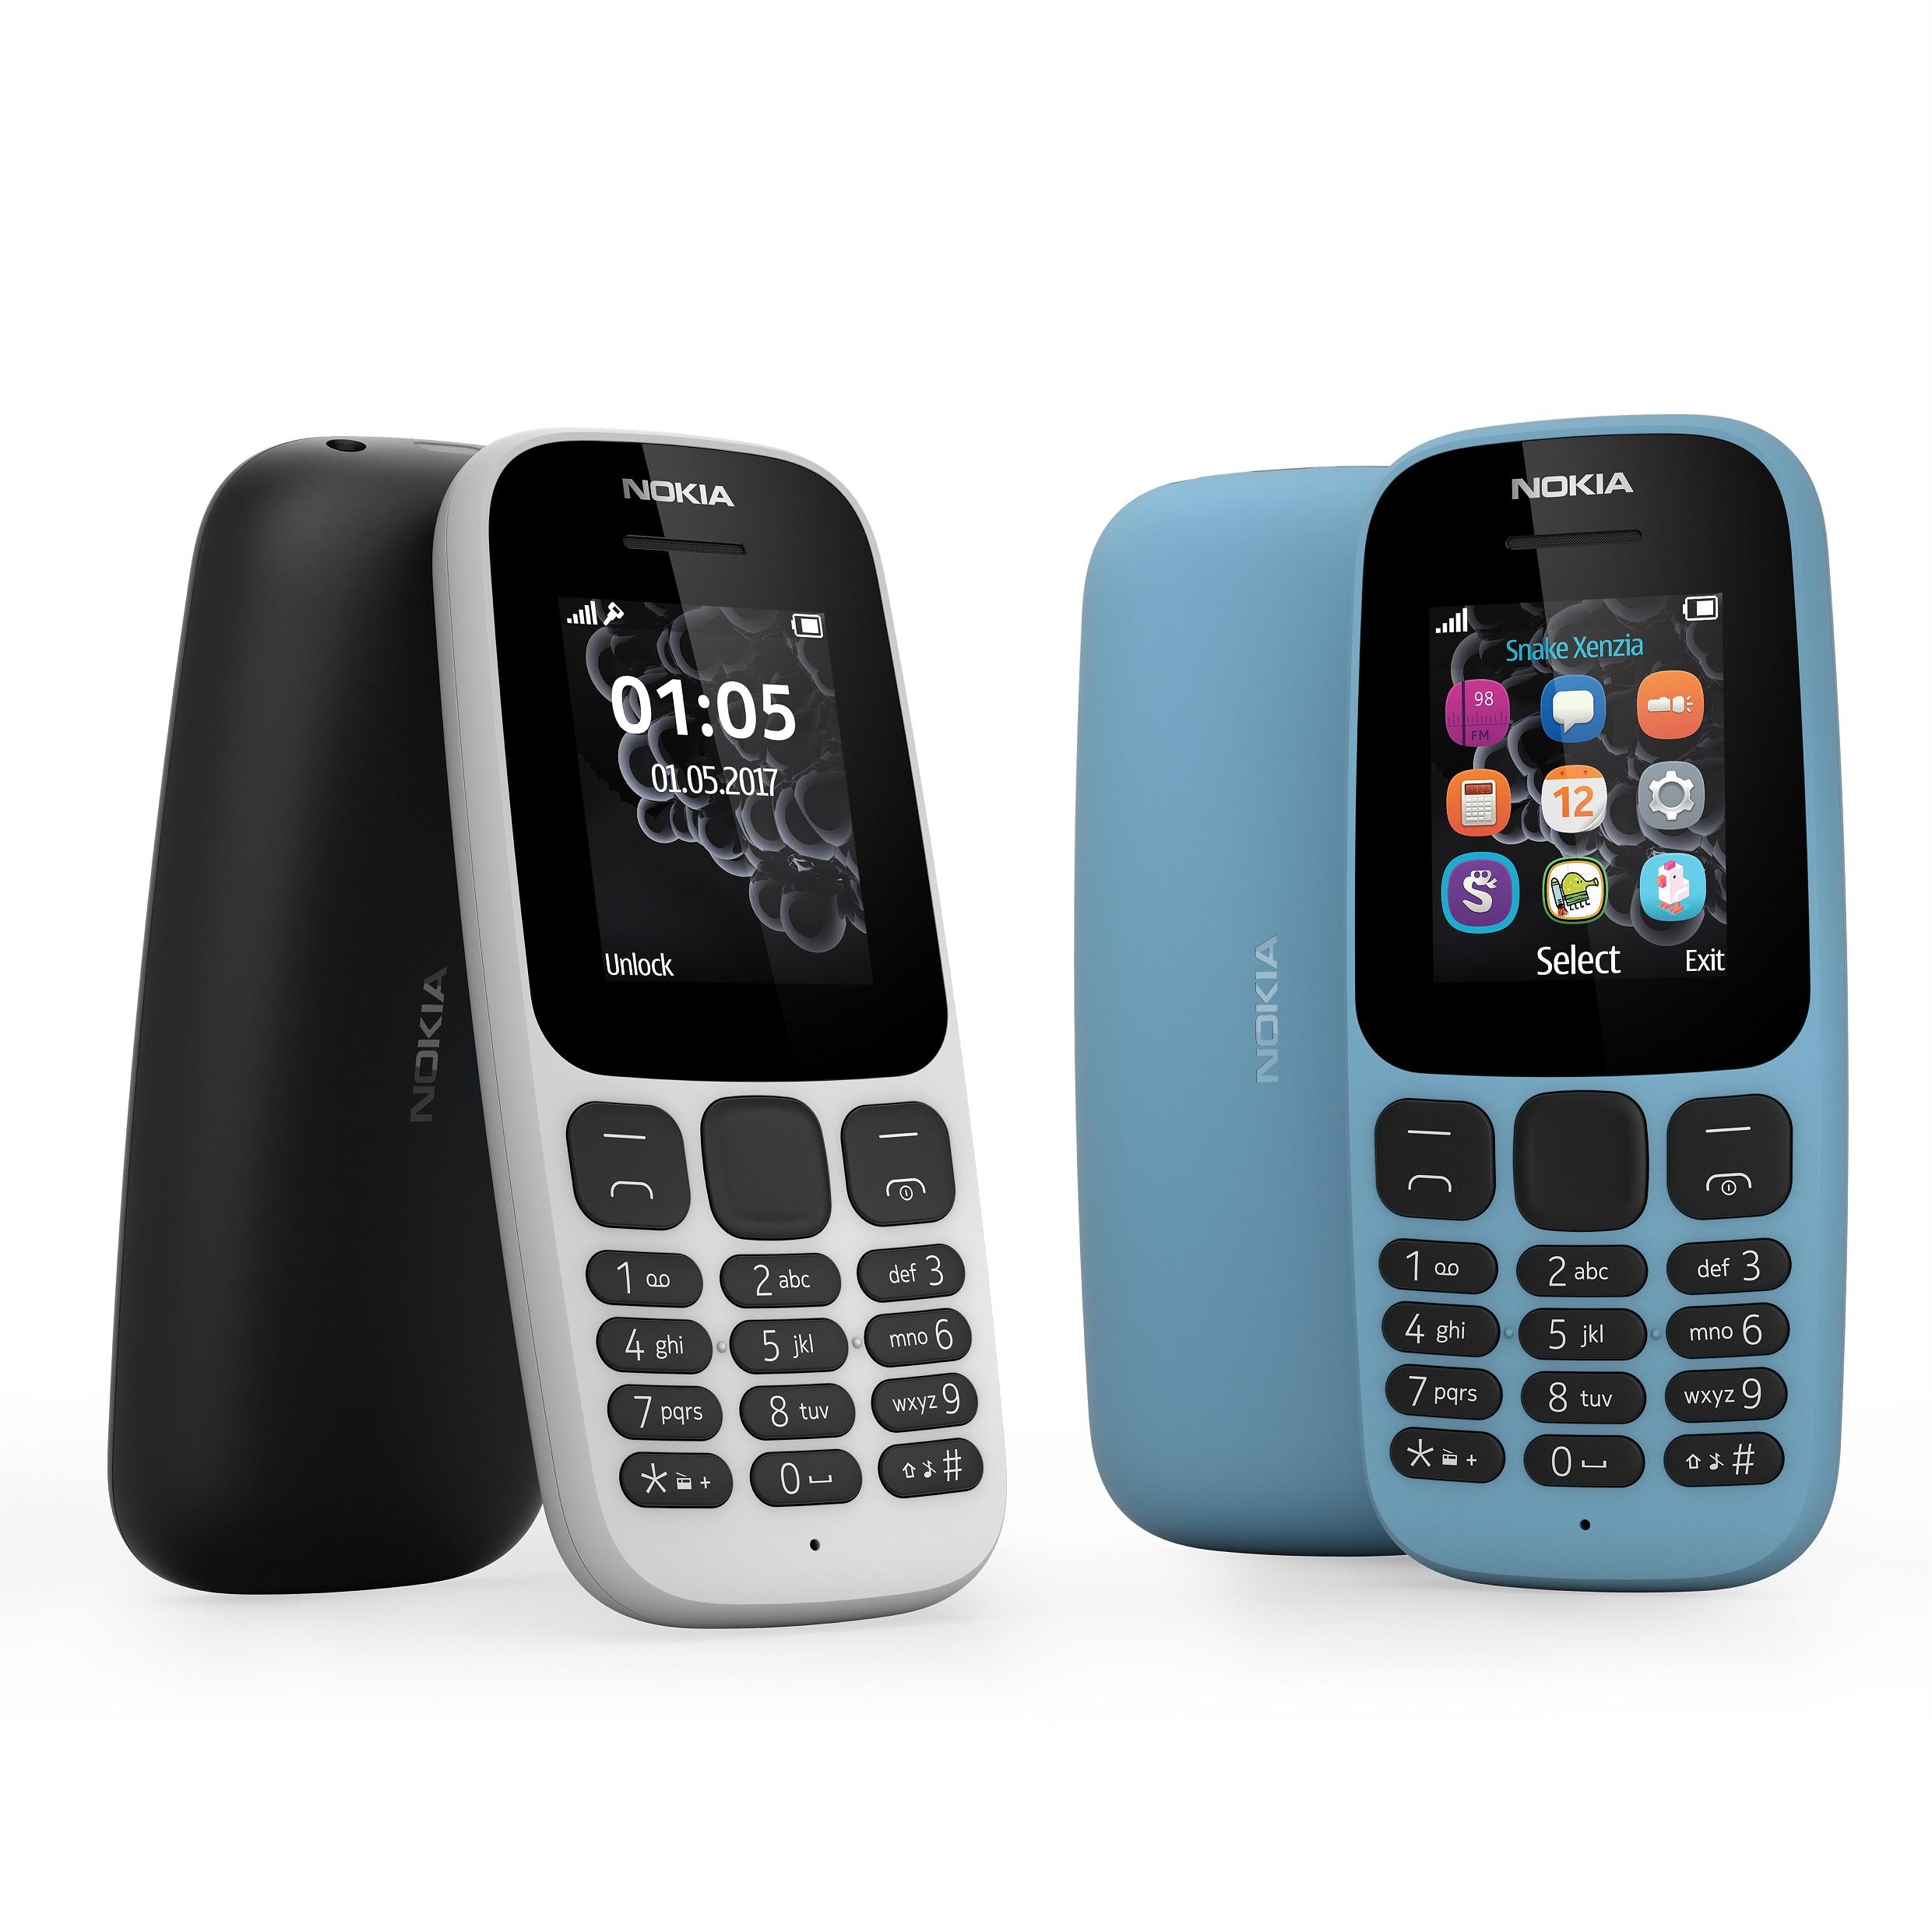 Телефон Nokia 105 представлен официально